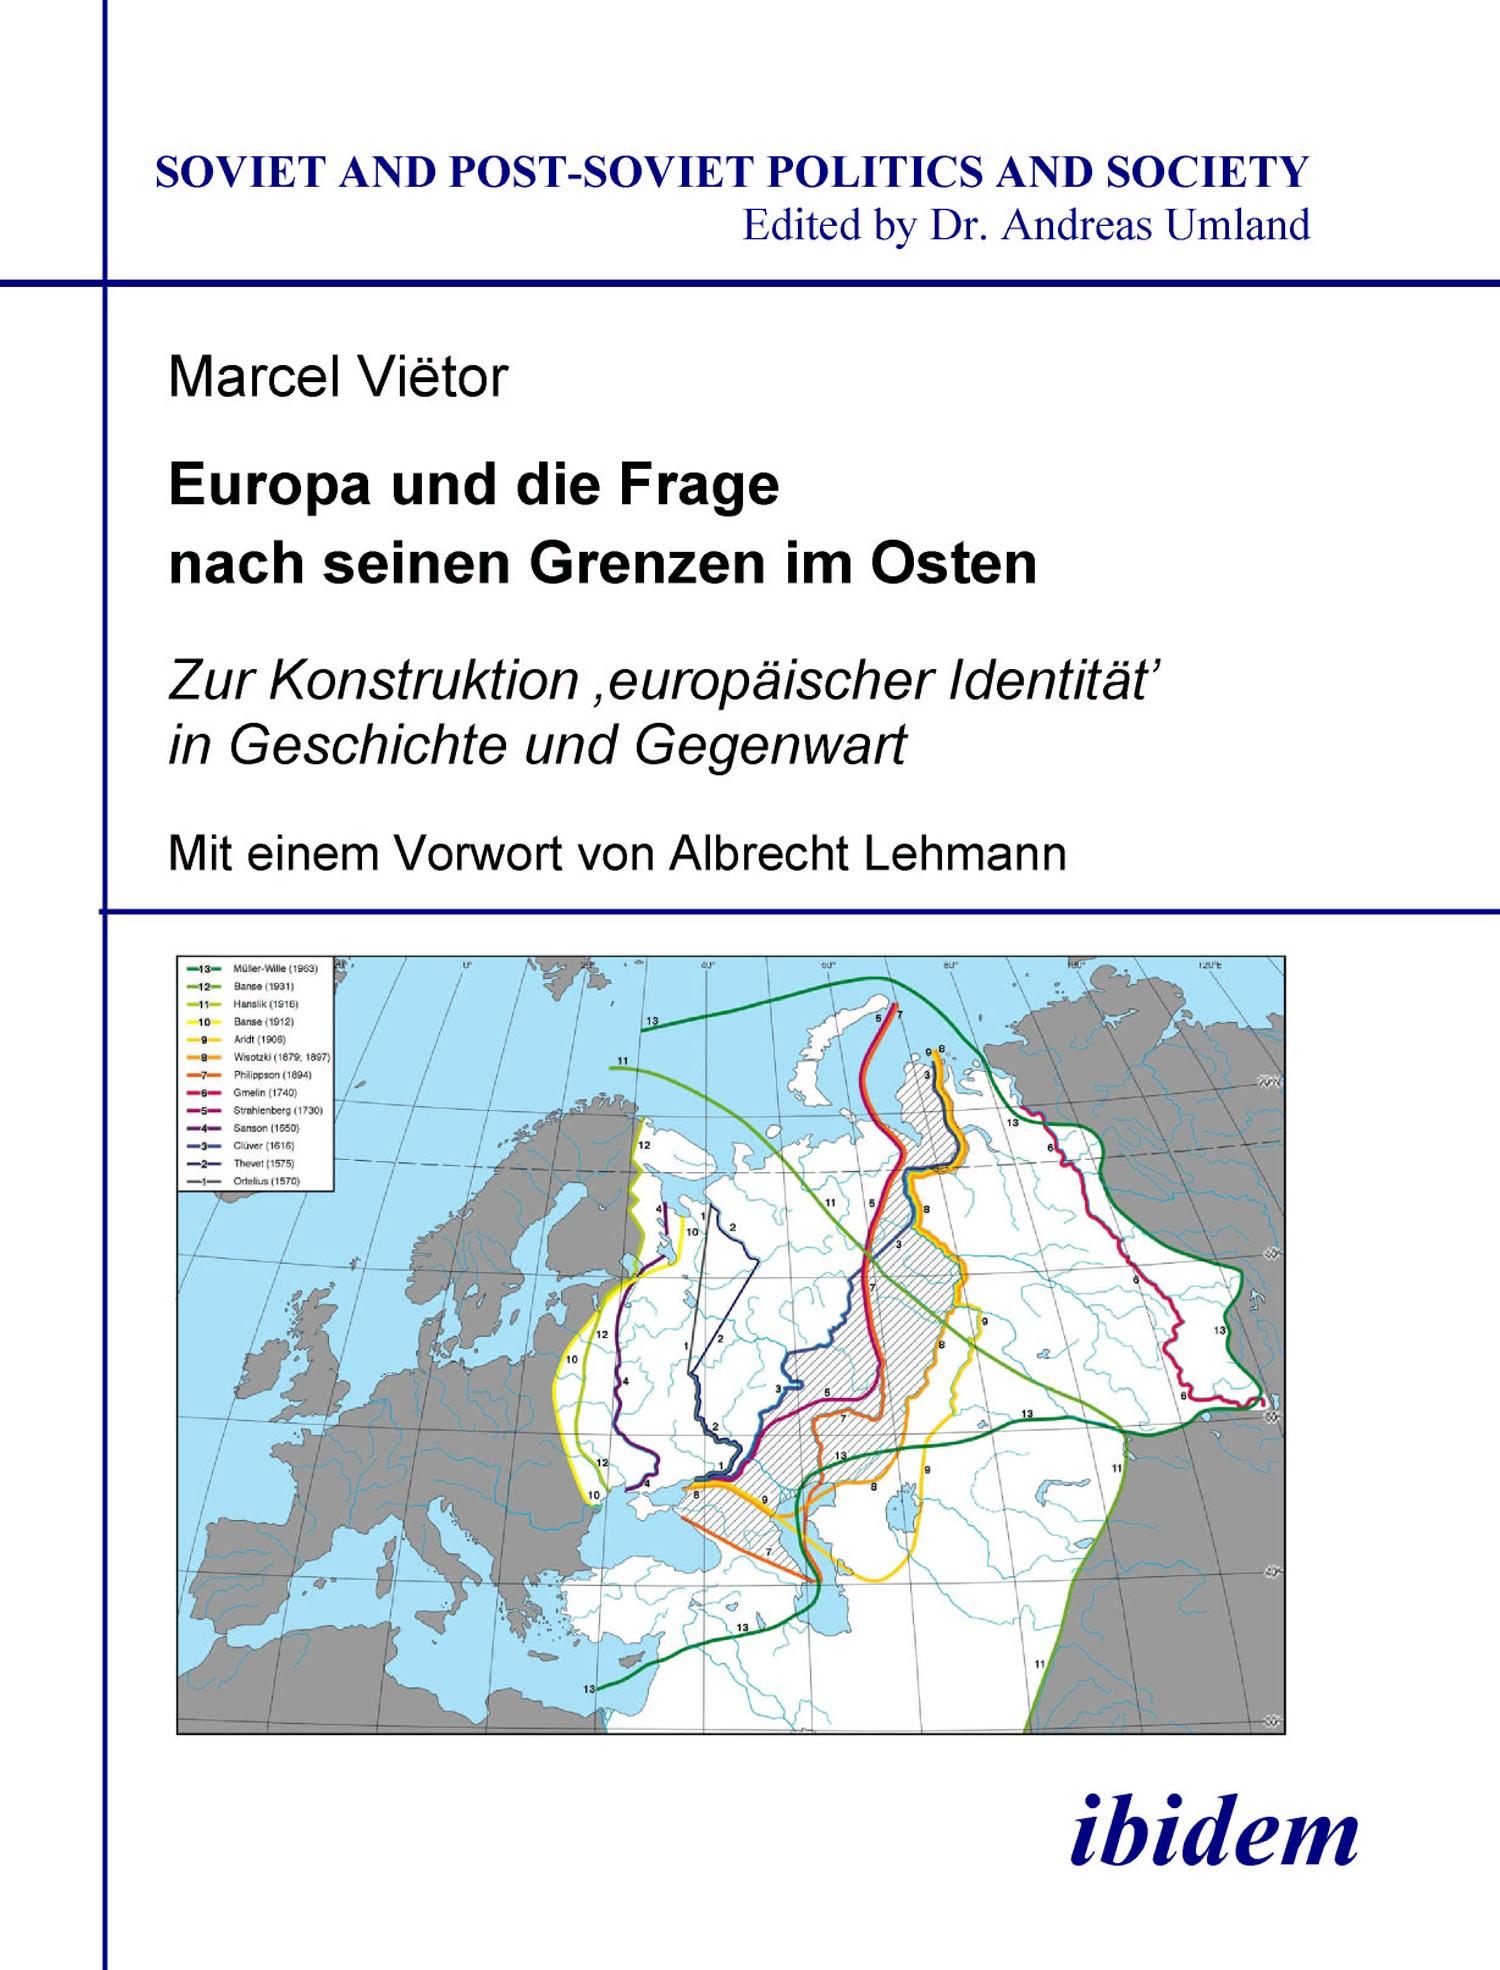 Europa und die Frage nach seinen Grenzen im Osten